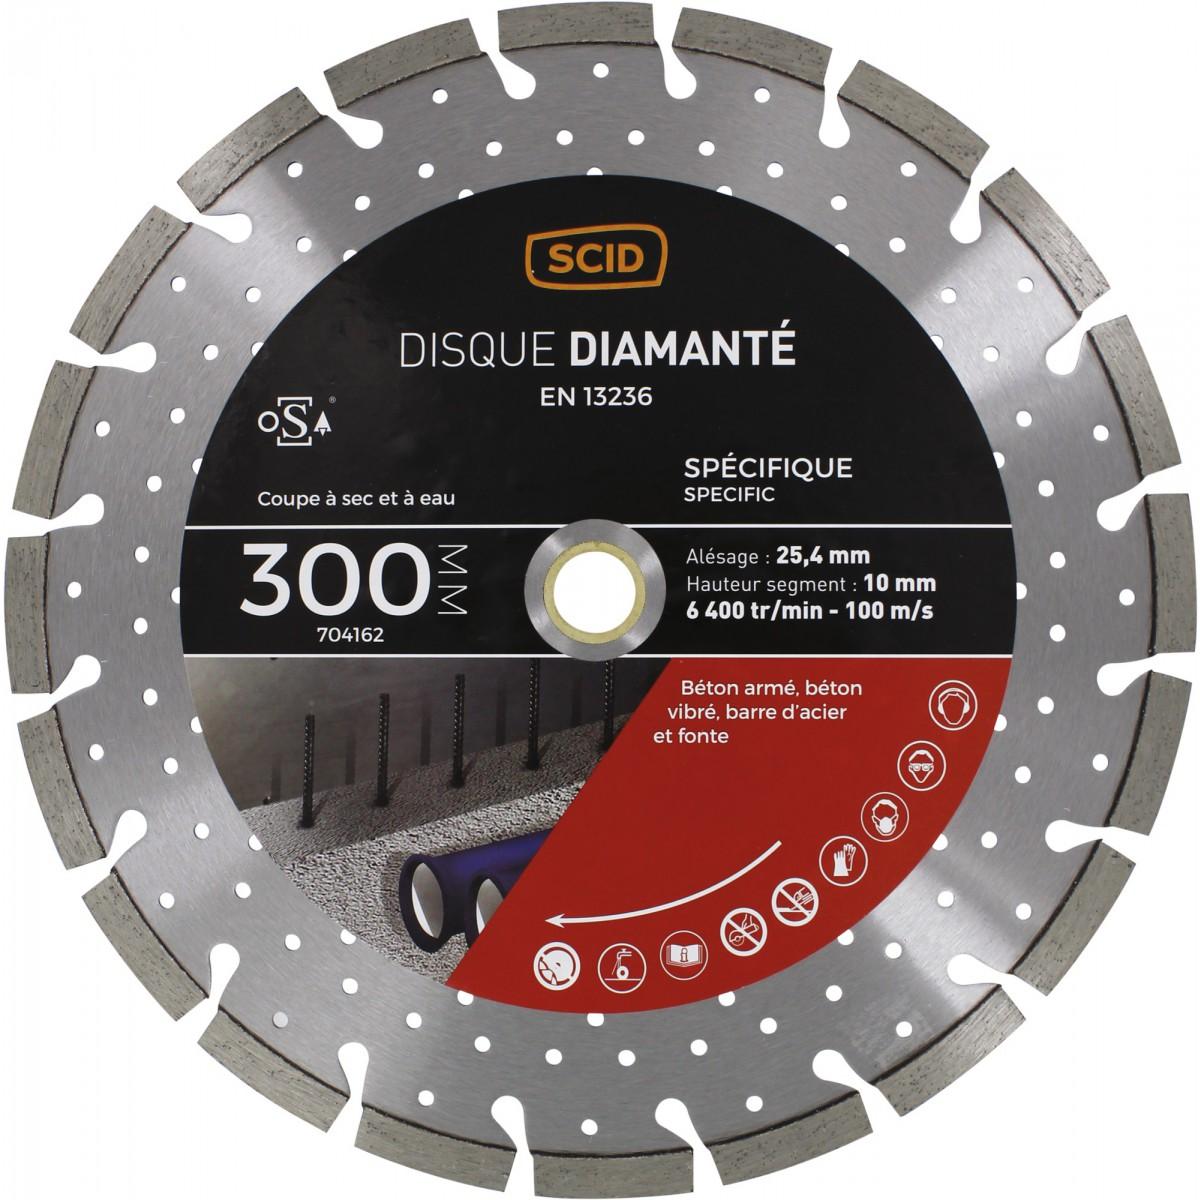 Disque diamanté ventilé béton métal SCID - Diamètre 300 mm